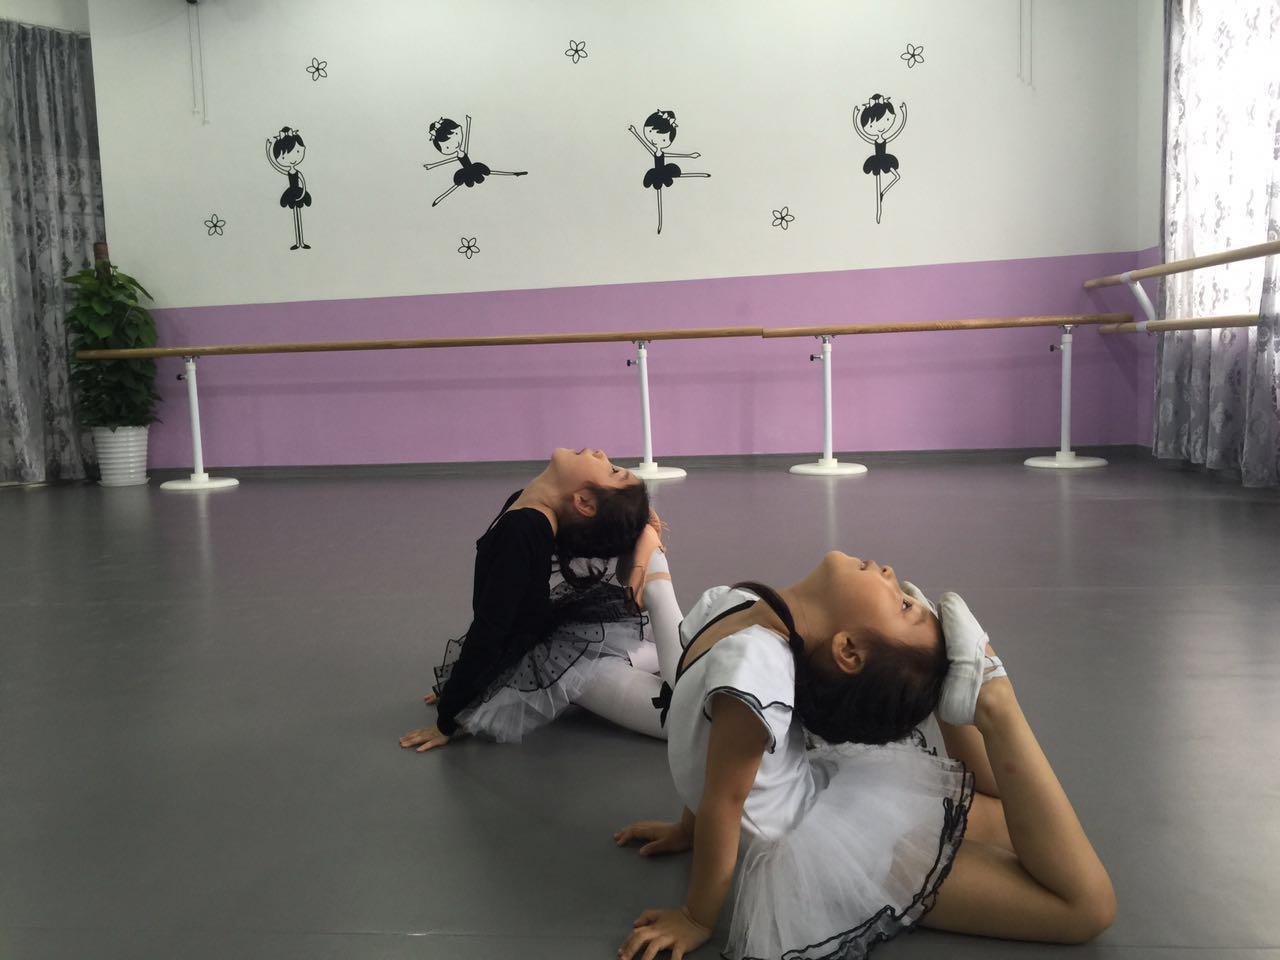 舞蹈地胶--上海香蕉树舞蹈工作室成功案例